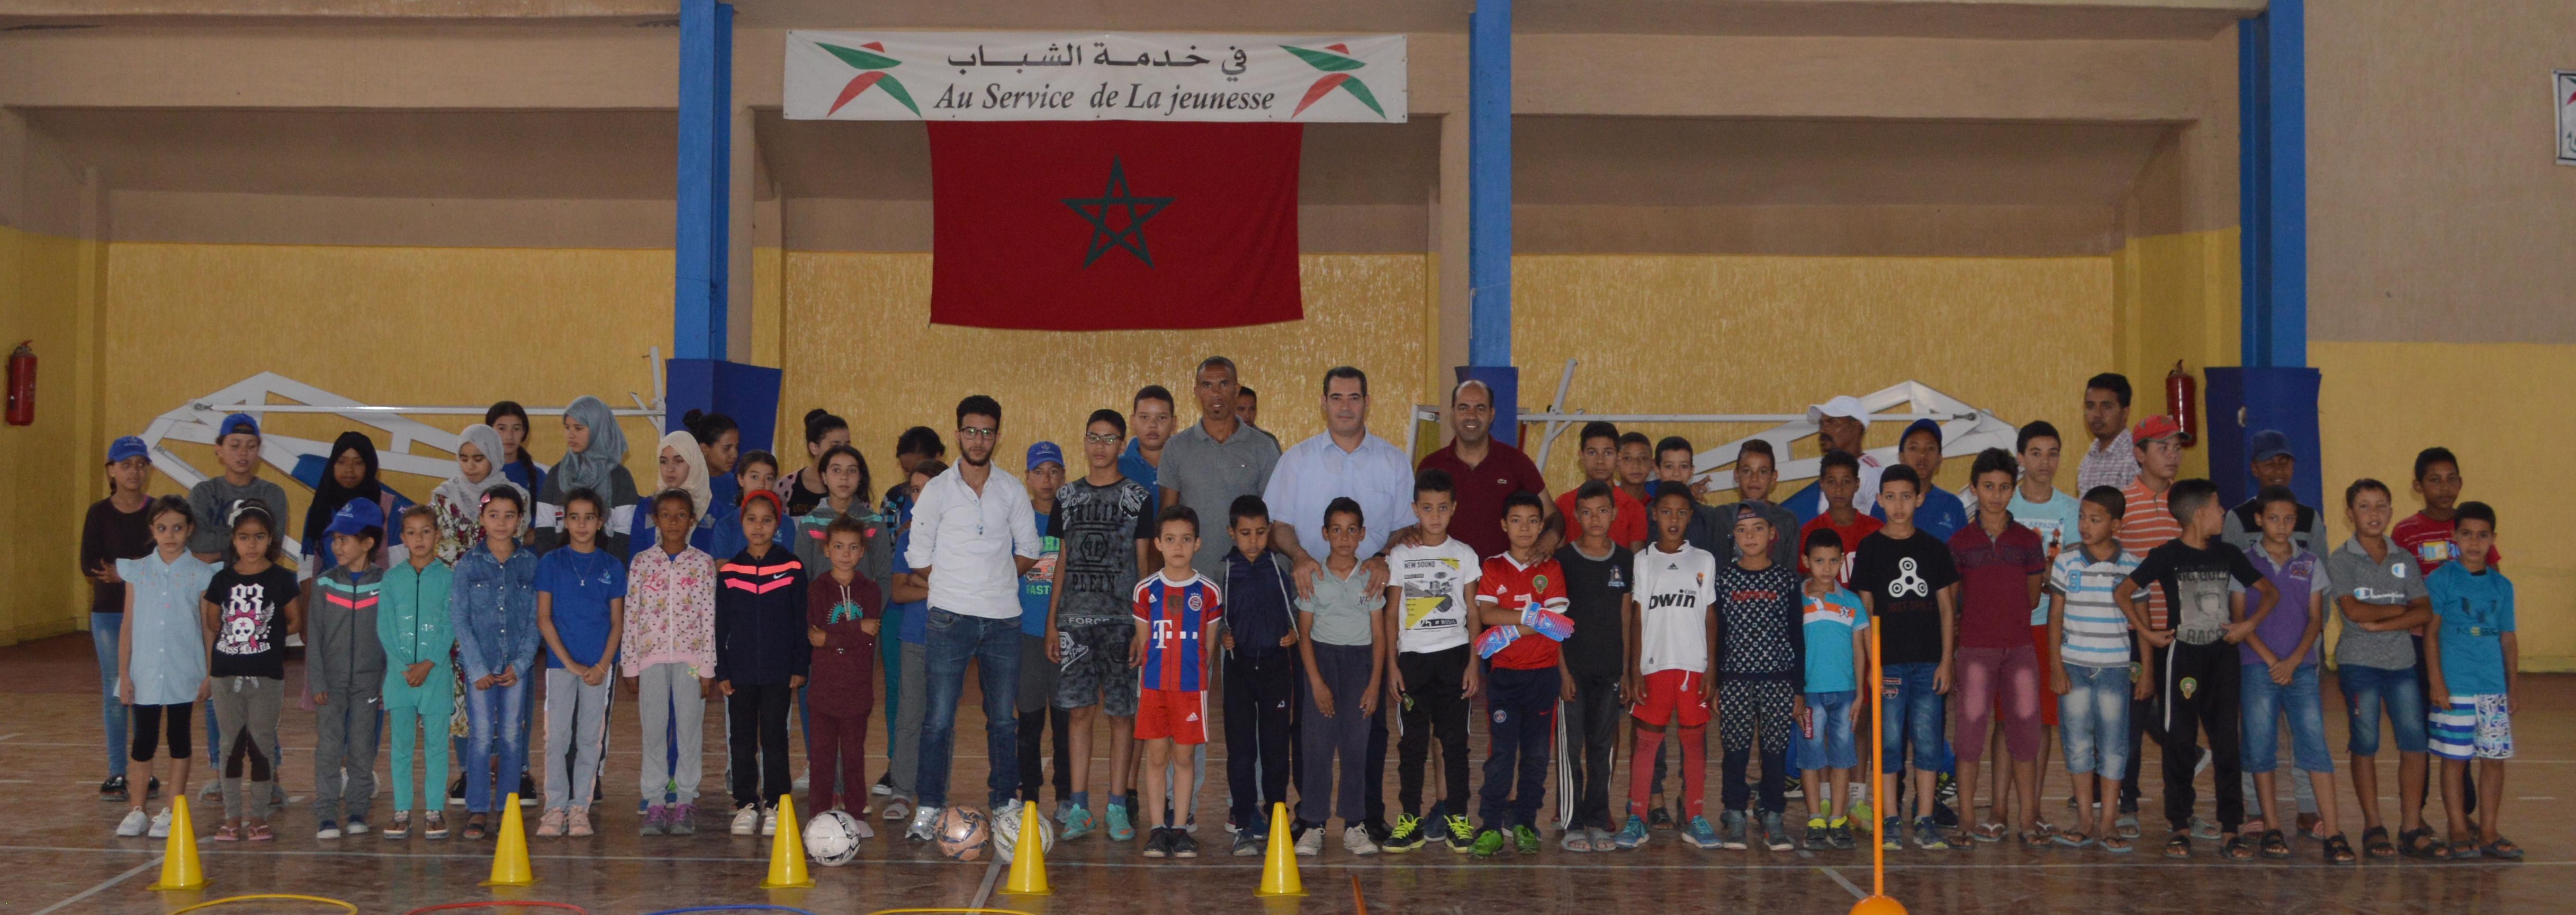 السيد المدير الاقليمي لوزارة الشباب و الرياضة بميدلت يعضي الانطلاقة الرسمية للمخيم الحضري.